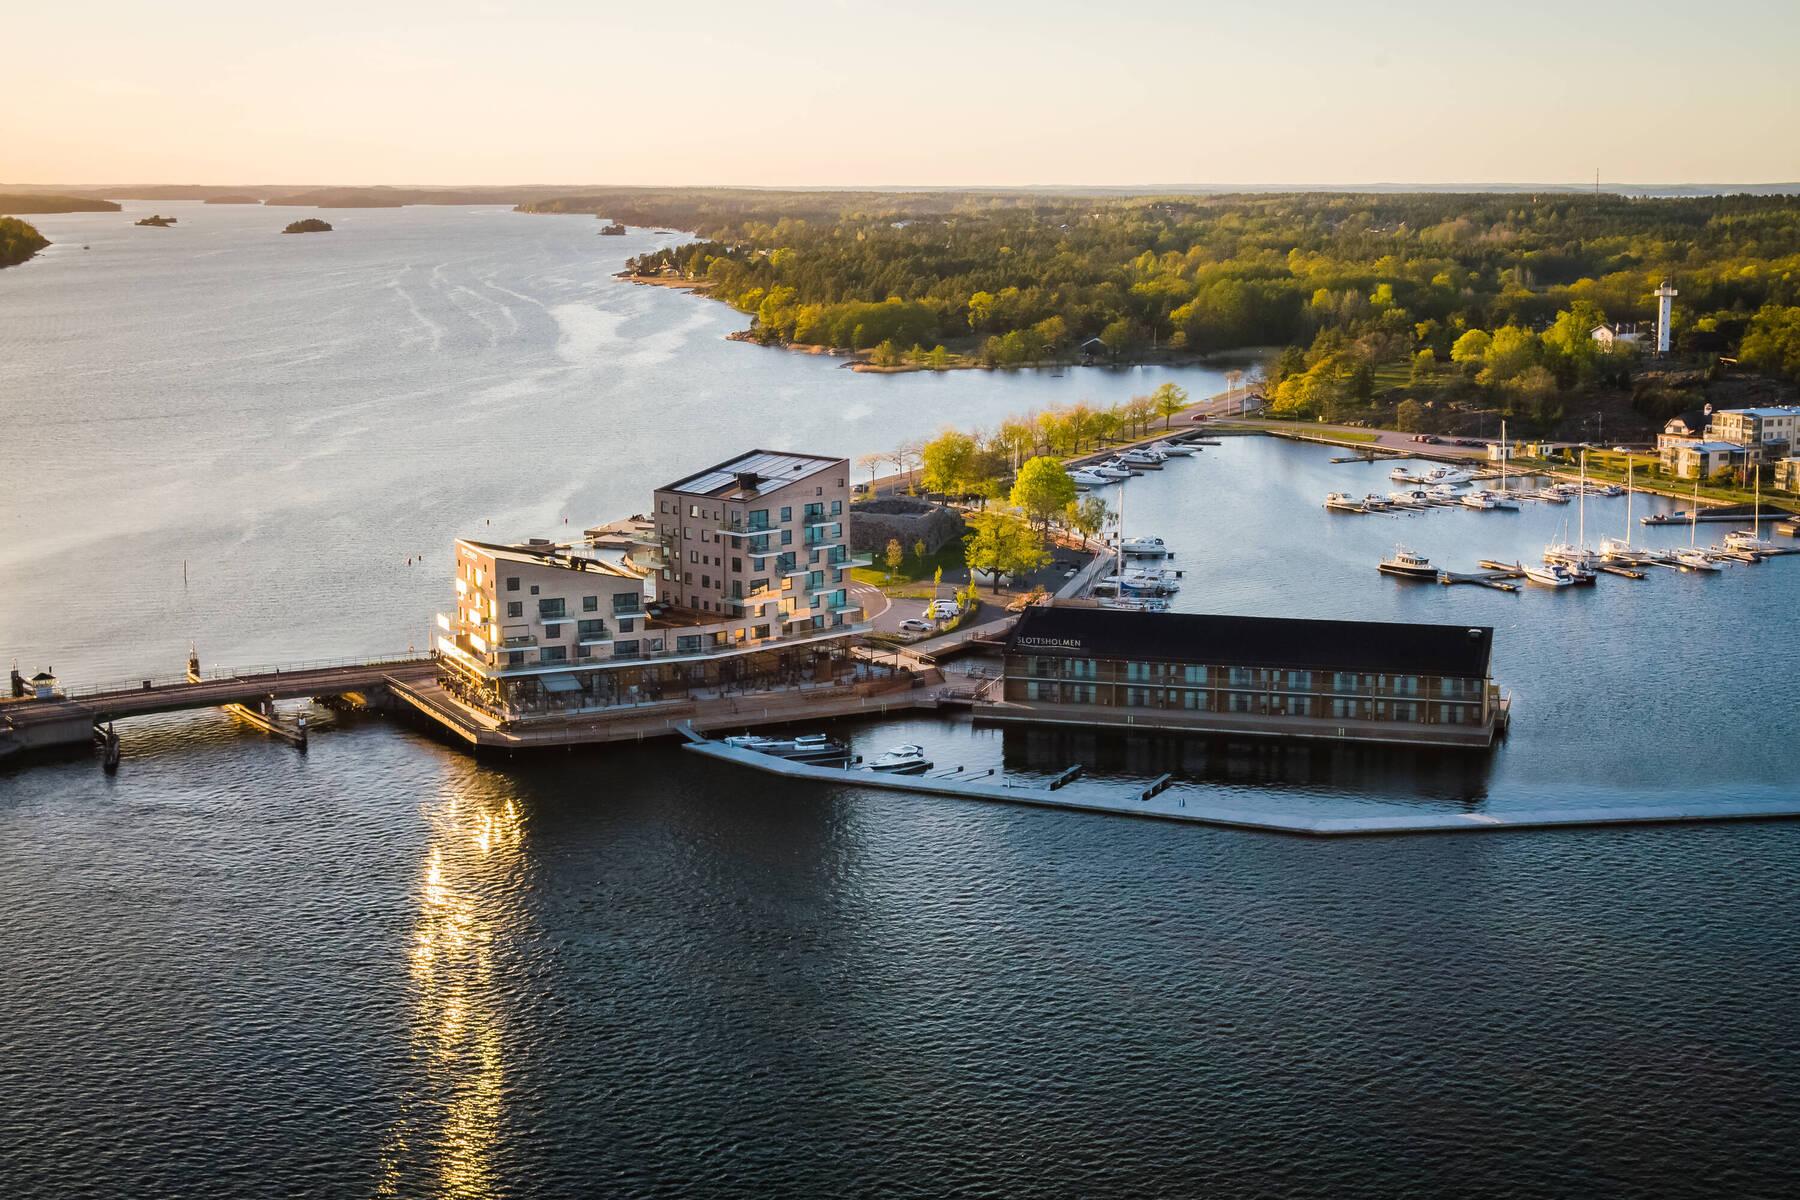 Västervik: Hotel Slottsholmen